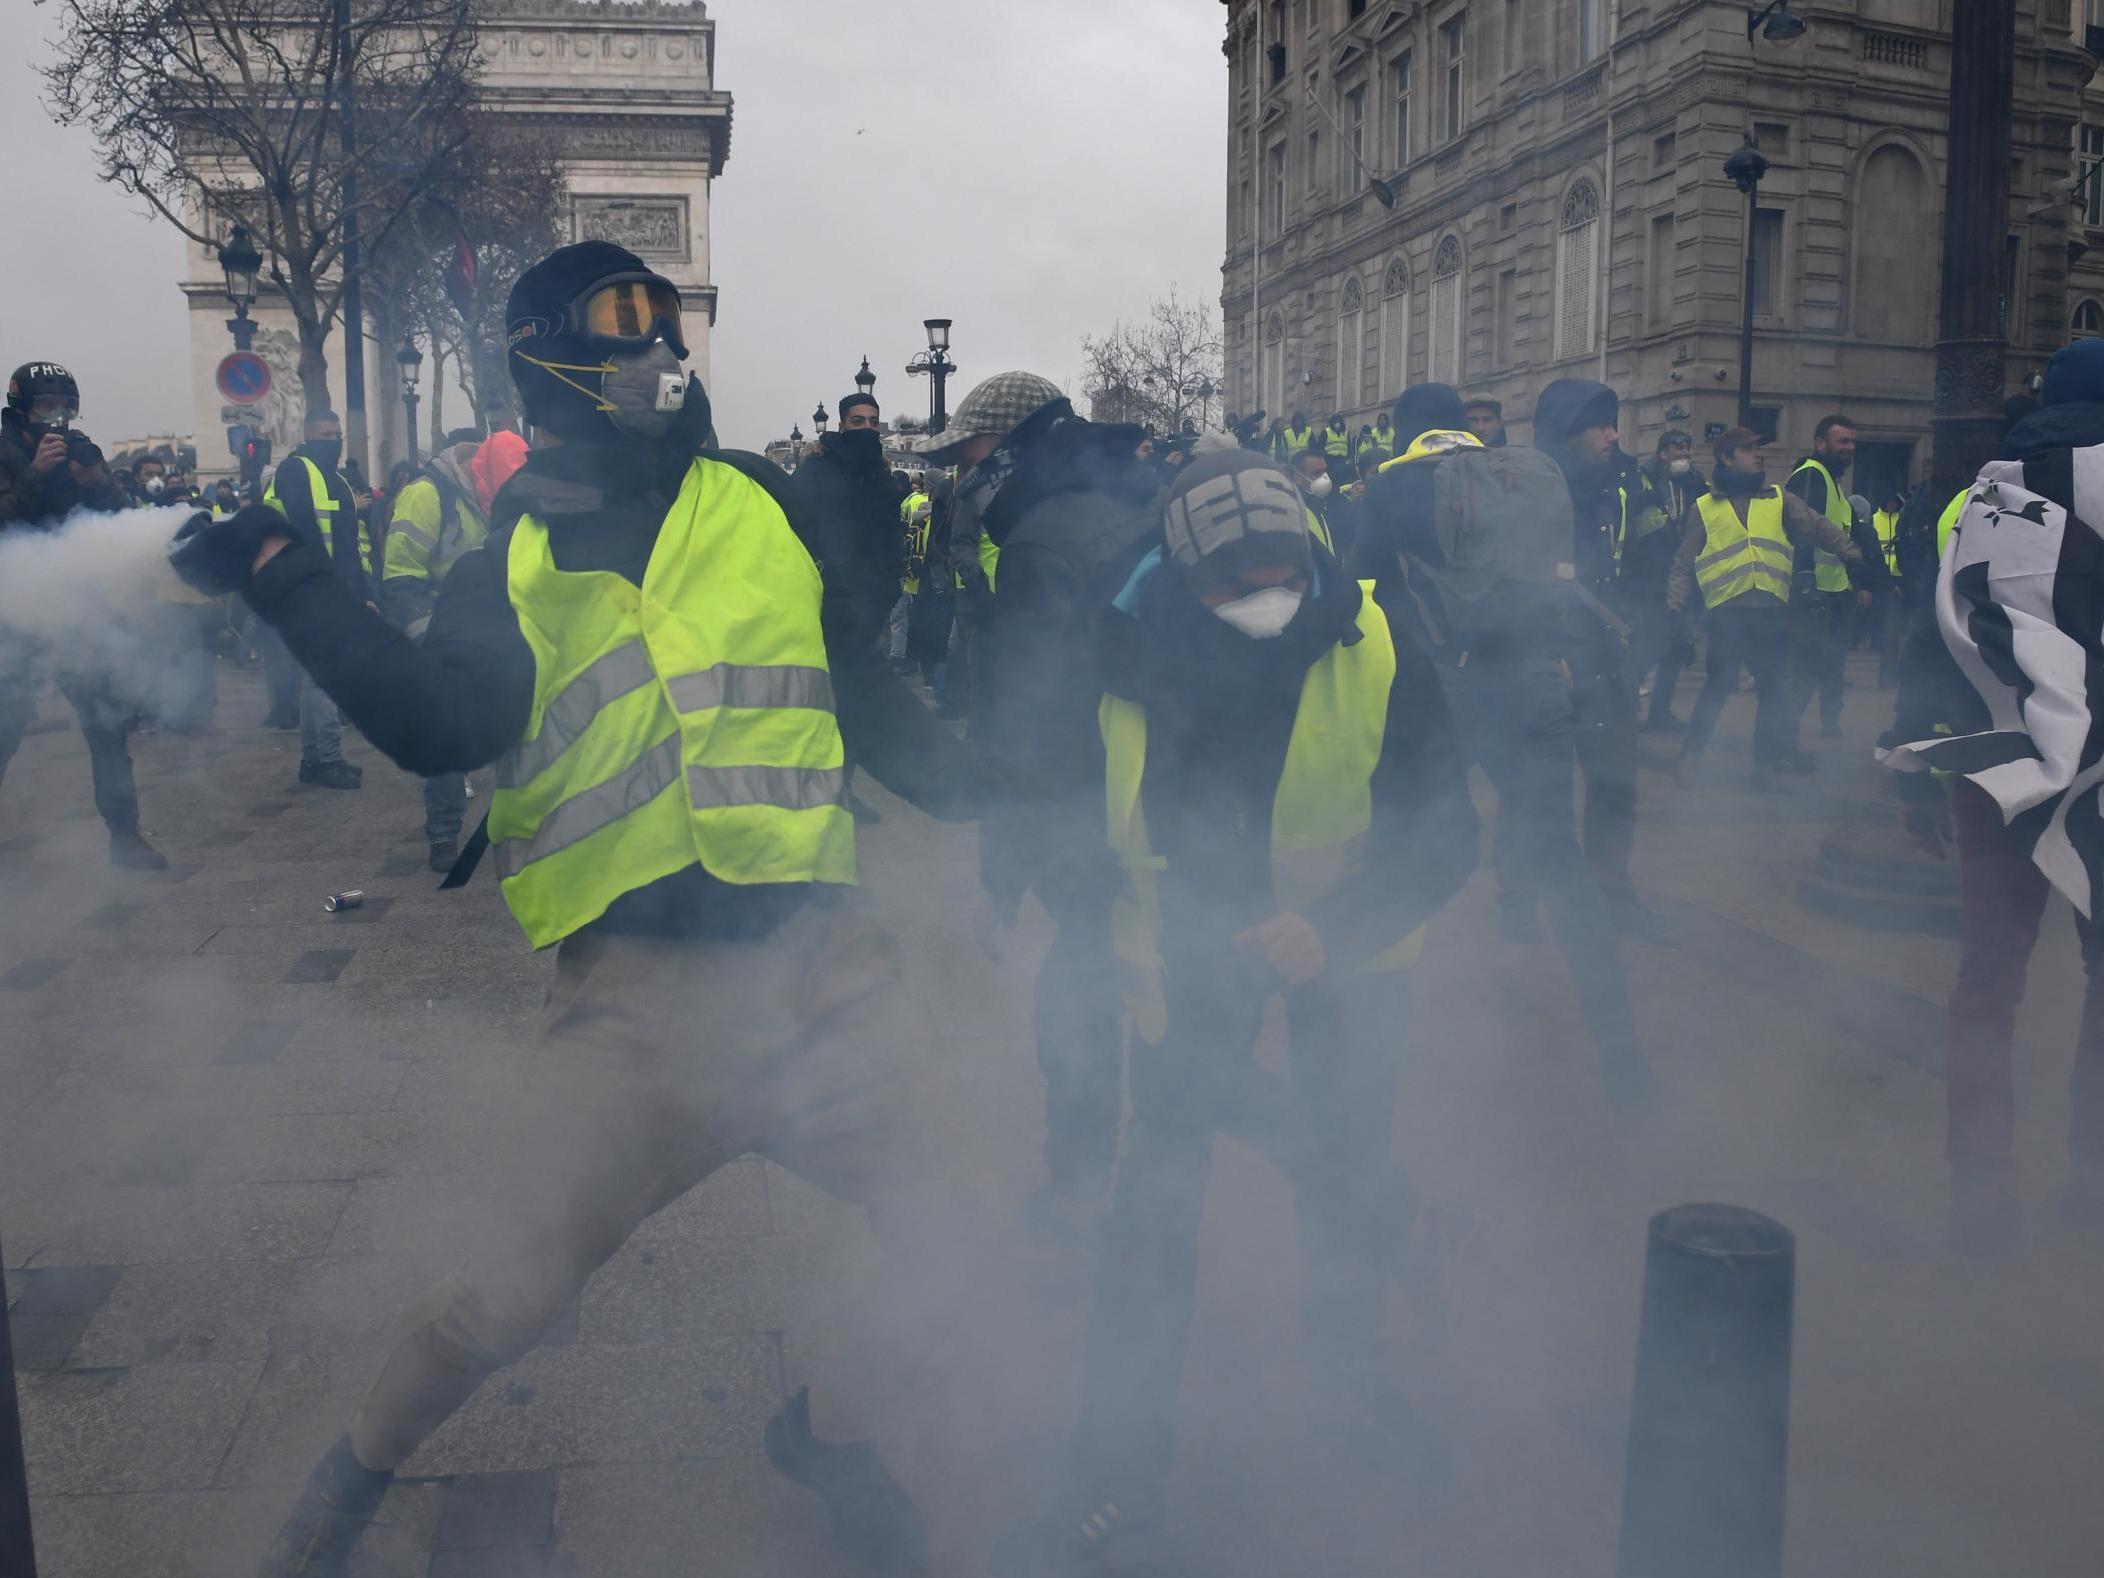 تظاهرات جلیقه زردها به دیگر کشورهای اروپایی کشیده شد/۱۳۸۵ نفر بازداشت و ۱۳۵ نفر مجروح شدند+تصاویر - 6